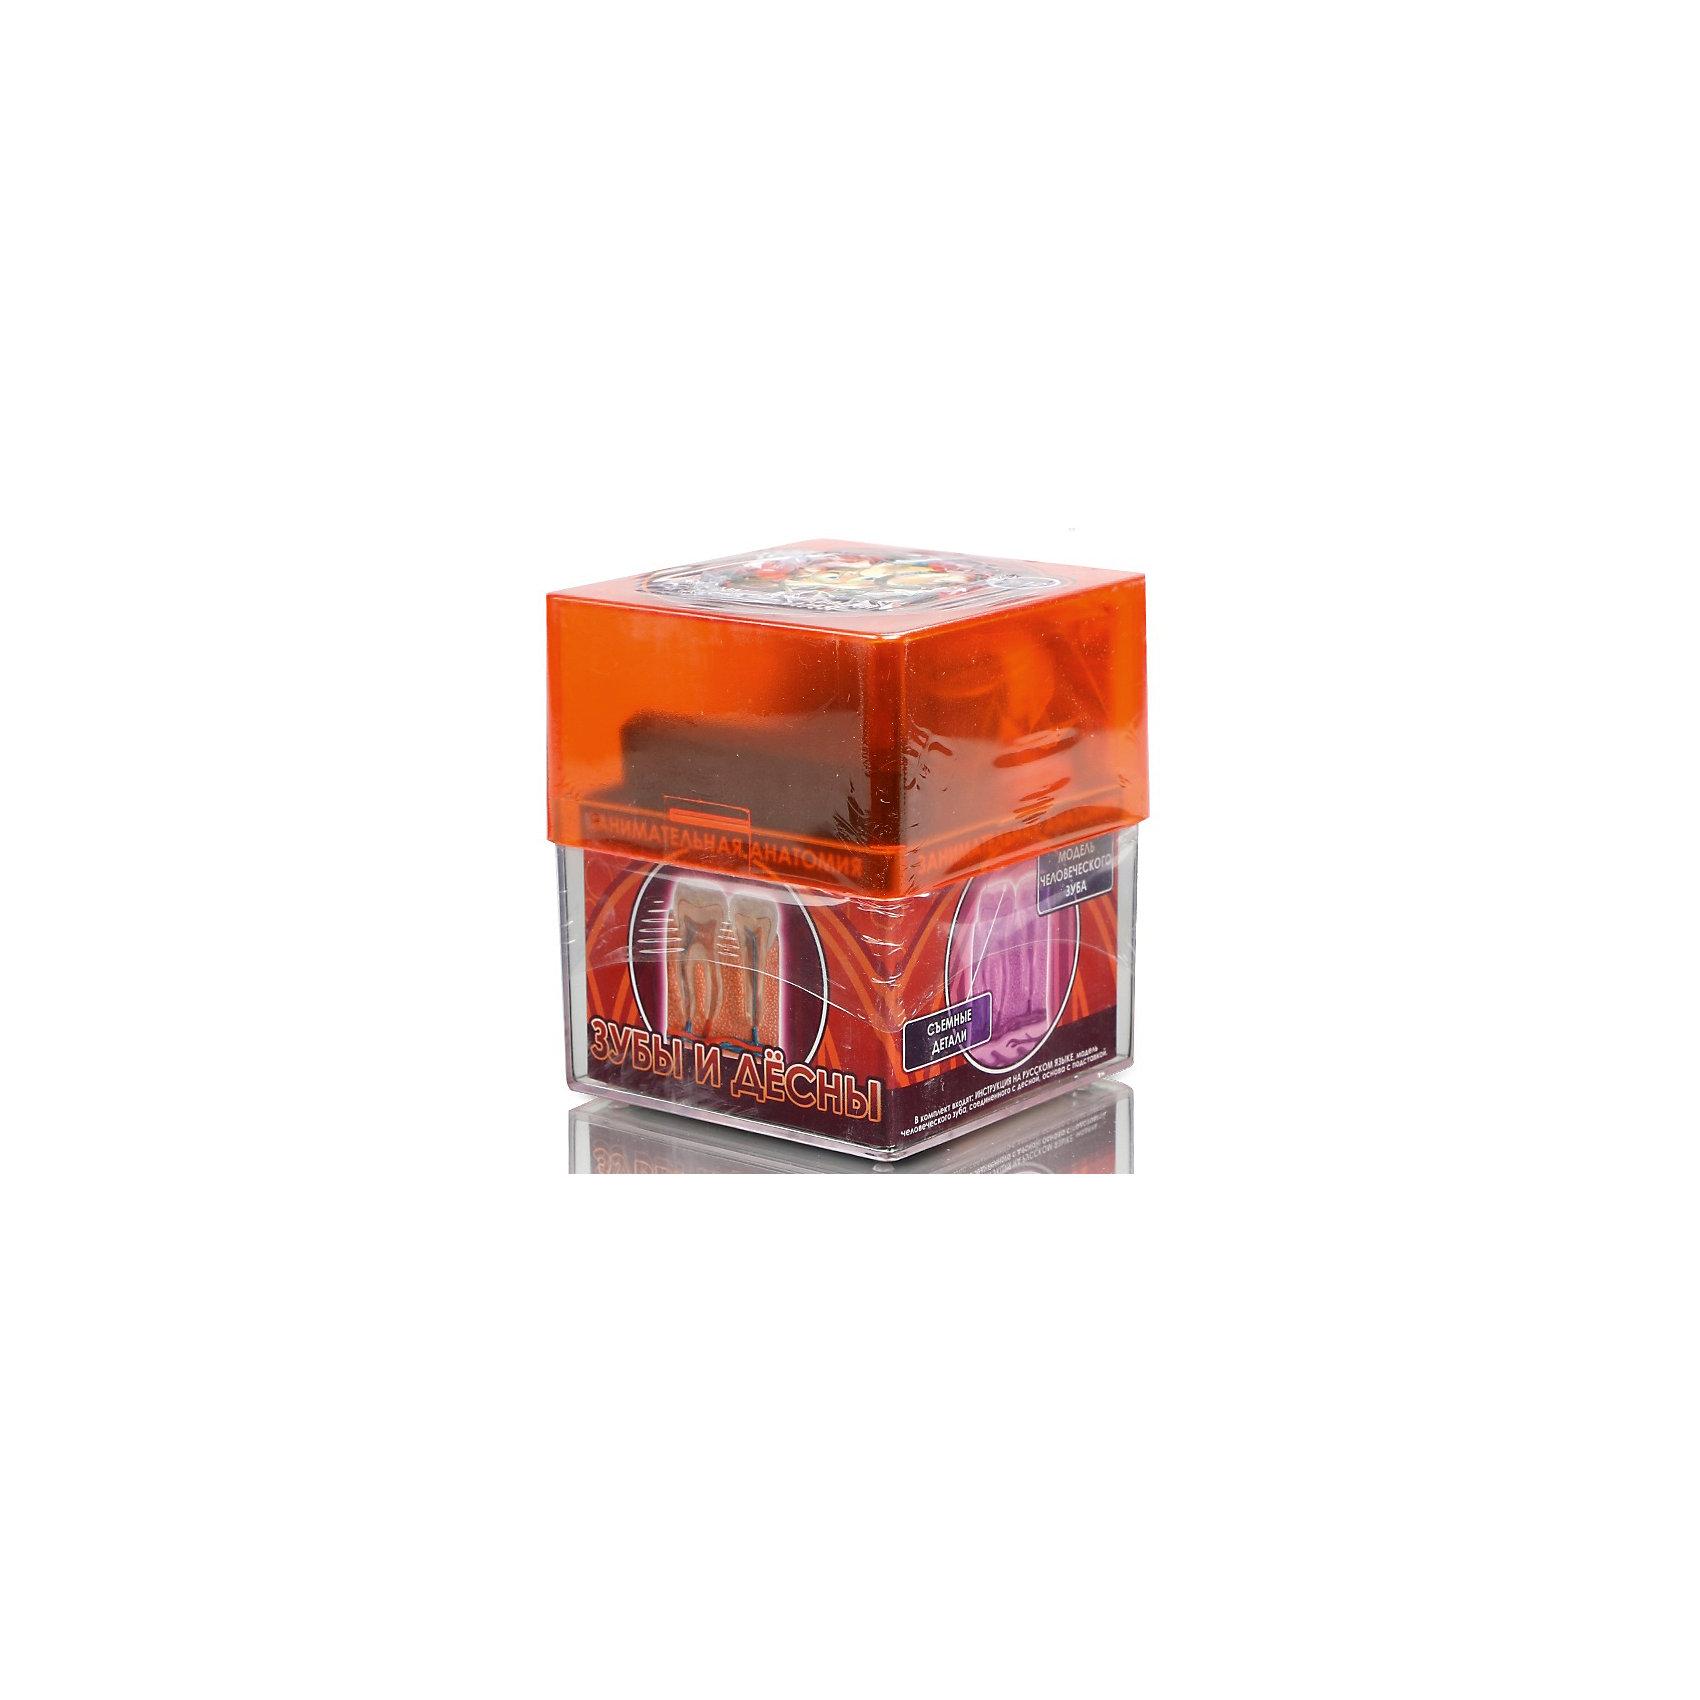 Зубы и десна, Профессор ЭйнЭксперименты и опыты<br>Характеристики товара:<br><br>• цвет: разноцветный<br>• размер упаковки: 9 x 9 x 10 см<br>• вес: 350 г<br>• комплектация: модель человеческого зуба, соединенного с десной, основа с подставкой<br>• возраст: от семи лет<br>• упаковка: коробка<br>• страна бренда: Китай<br>• страна изготовитель: Китай<br><br>Изучать науки можно весело! Такой набор станет отличным подарком ребенку - ведь с помощью него можно узнать столько нового и интересного о теле человека. В набор входит модель человеческого зуба, соединенного с десной, она разборная и отлично детализирована. Это отличный способ изучать анатомию!<br>Увлечение такими познавательными наборами помогает детям развивать важные навыки и способности, оно активизирует мышление, формирует усидчивость, логику, мелкую моторику и воображение. Изделие производится из качественных и проверенных материалов, которые безопасны для детей.<br><br>Набор Зубы и десна от бренда Профессор Эйн можно купить в нашем интернет-магазине.<br><br>Ширина мм: 92<br>Глубина мм: 92<br>Высота мм: 105<br>Вес г: 355<br>Возраст от месяцев: 72<br>Возраст до месяцев: 168<br>Пол: Унисекс<br>Возраст: Детский<br>SKU: 5168532